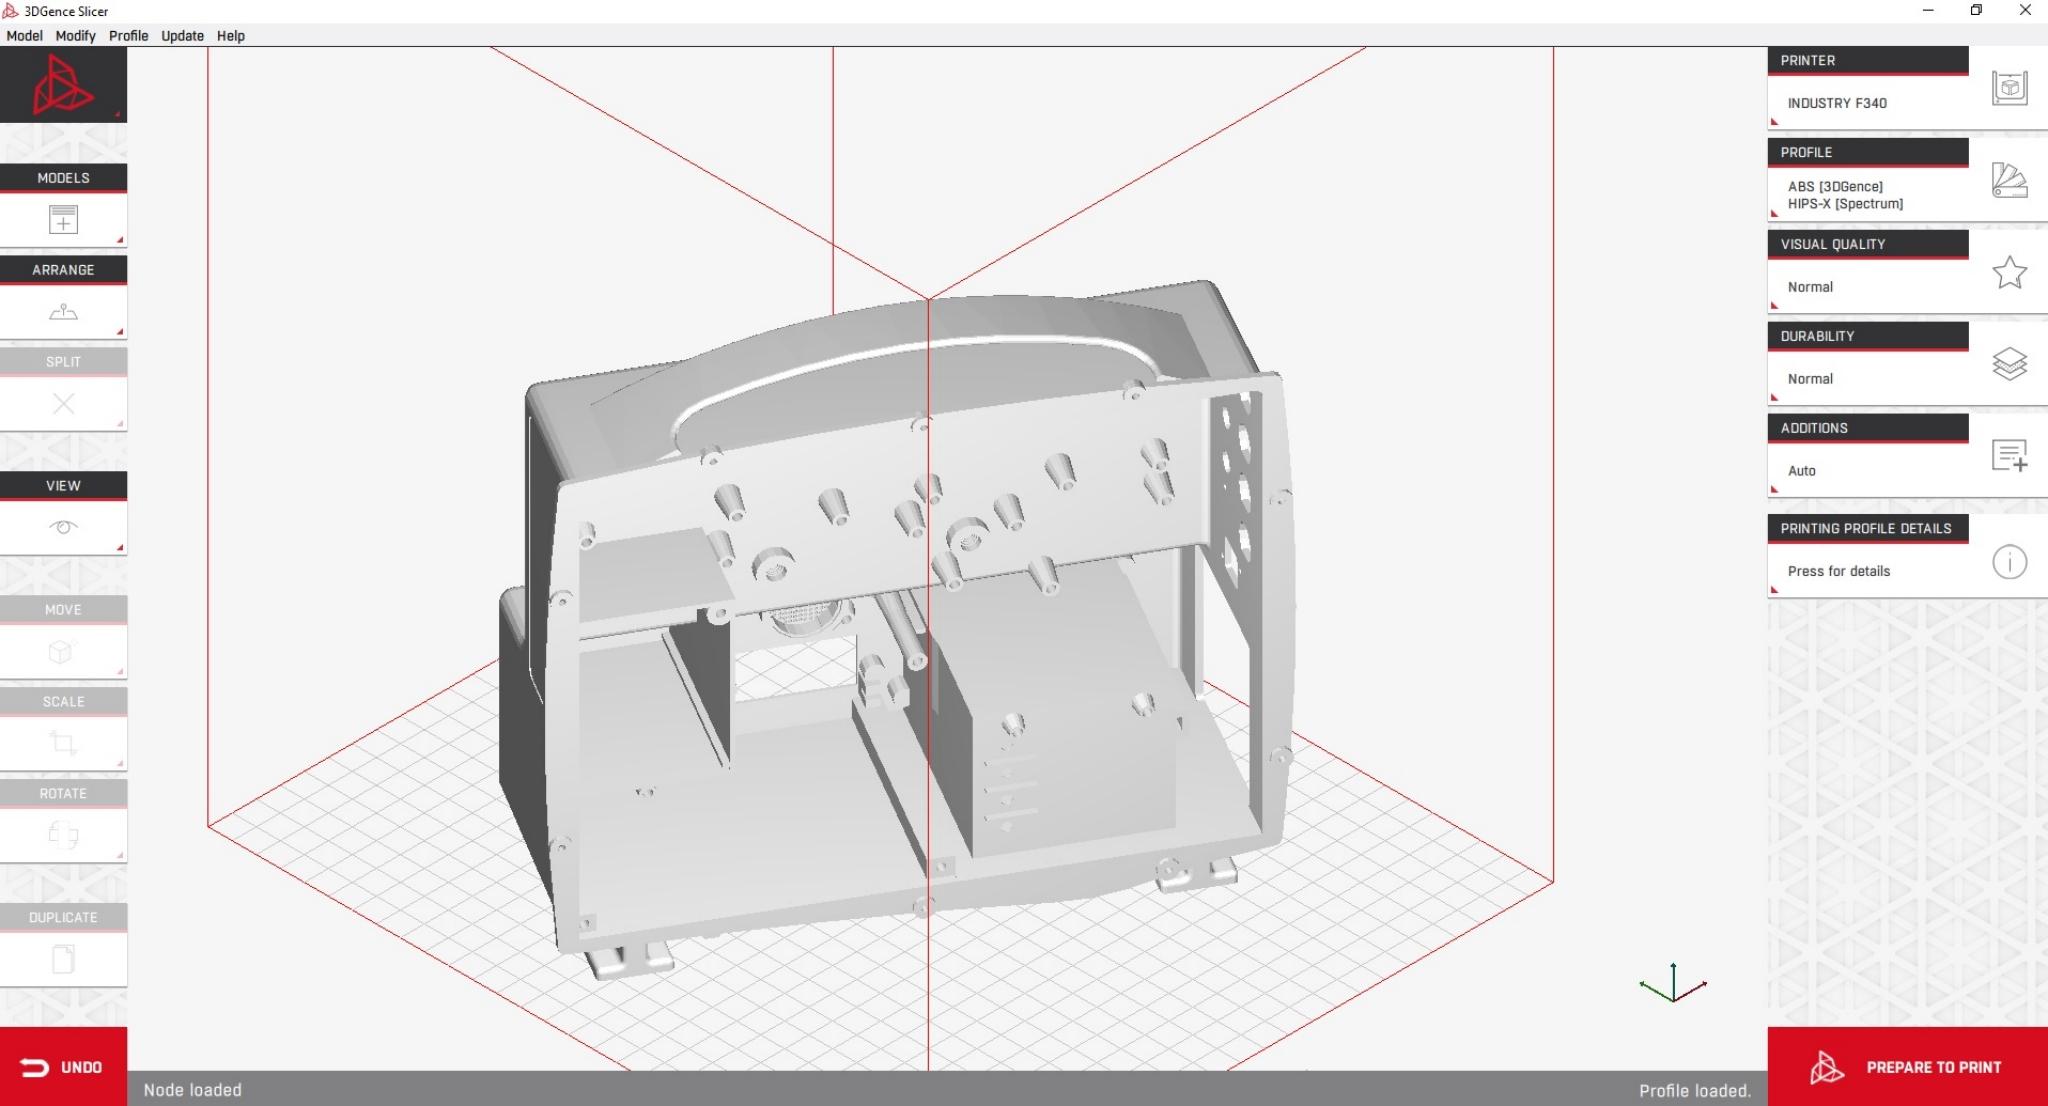 Wizualizacja obudowy kardiomonitora w oprogramowaniu 3DGence Slicer.